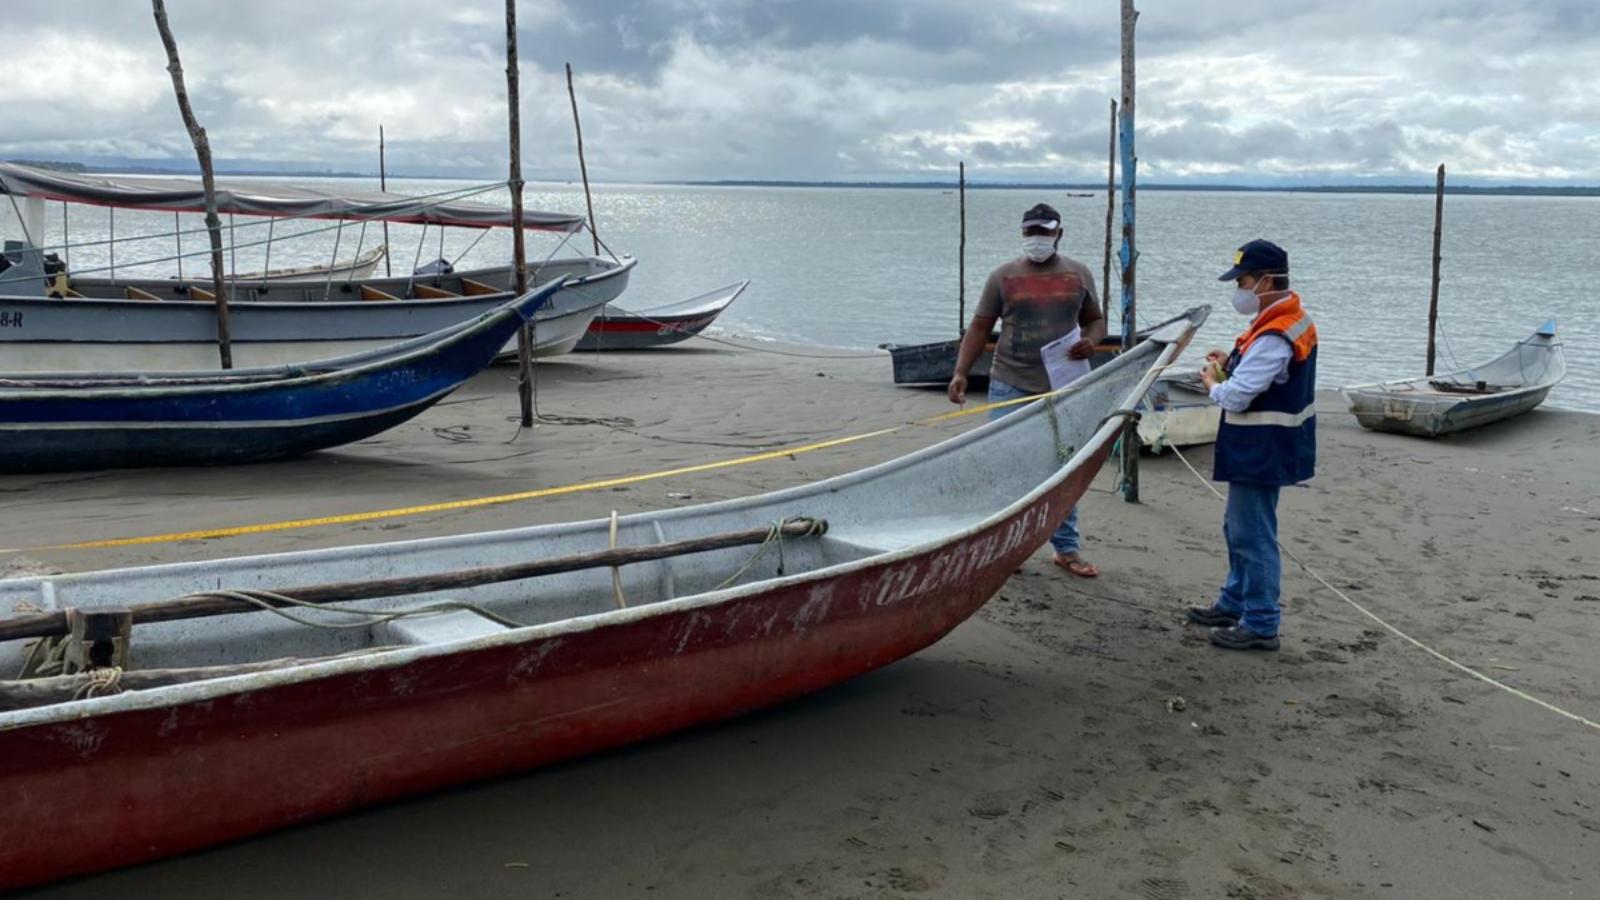 pescadores-artesanales-de-buenaventura-formalizan-su-actividad